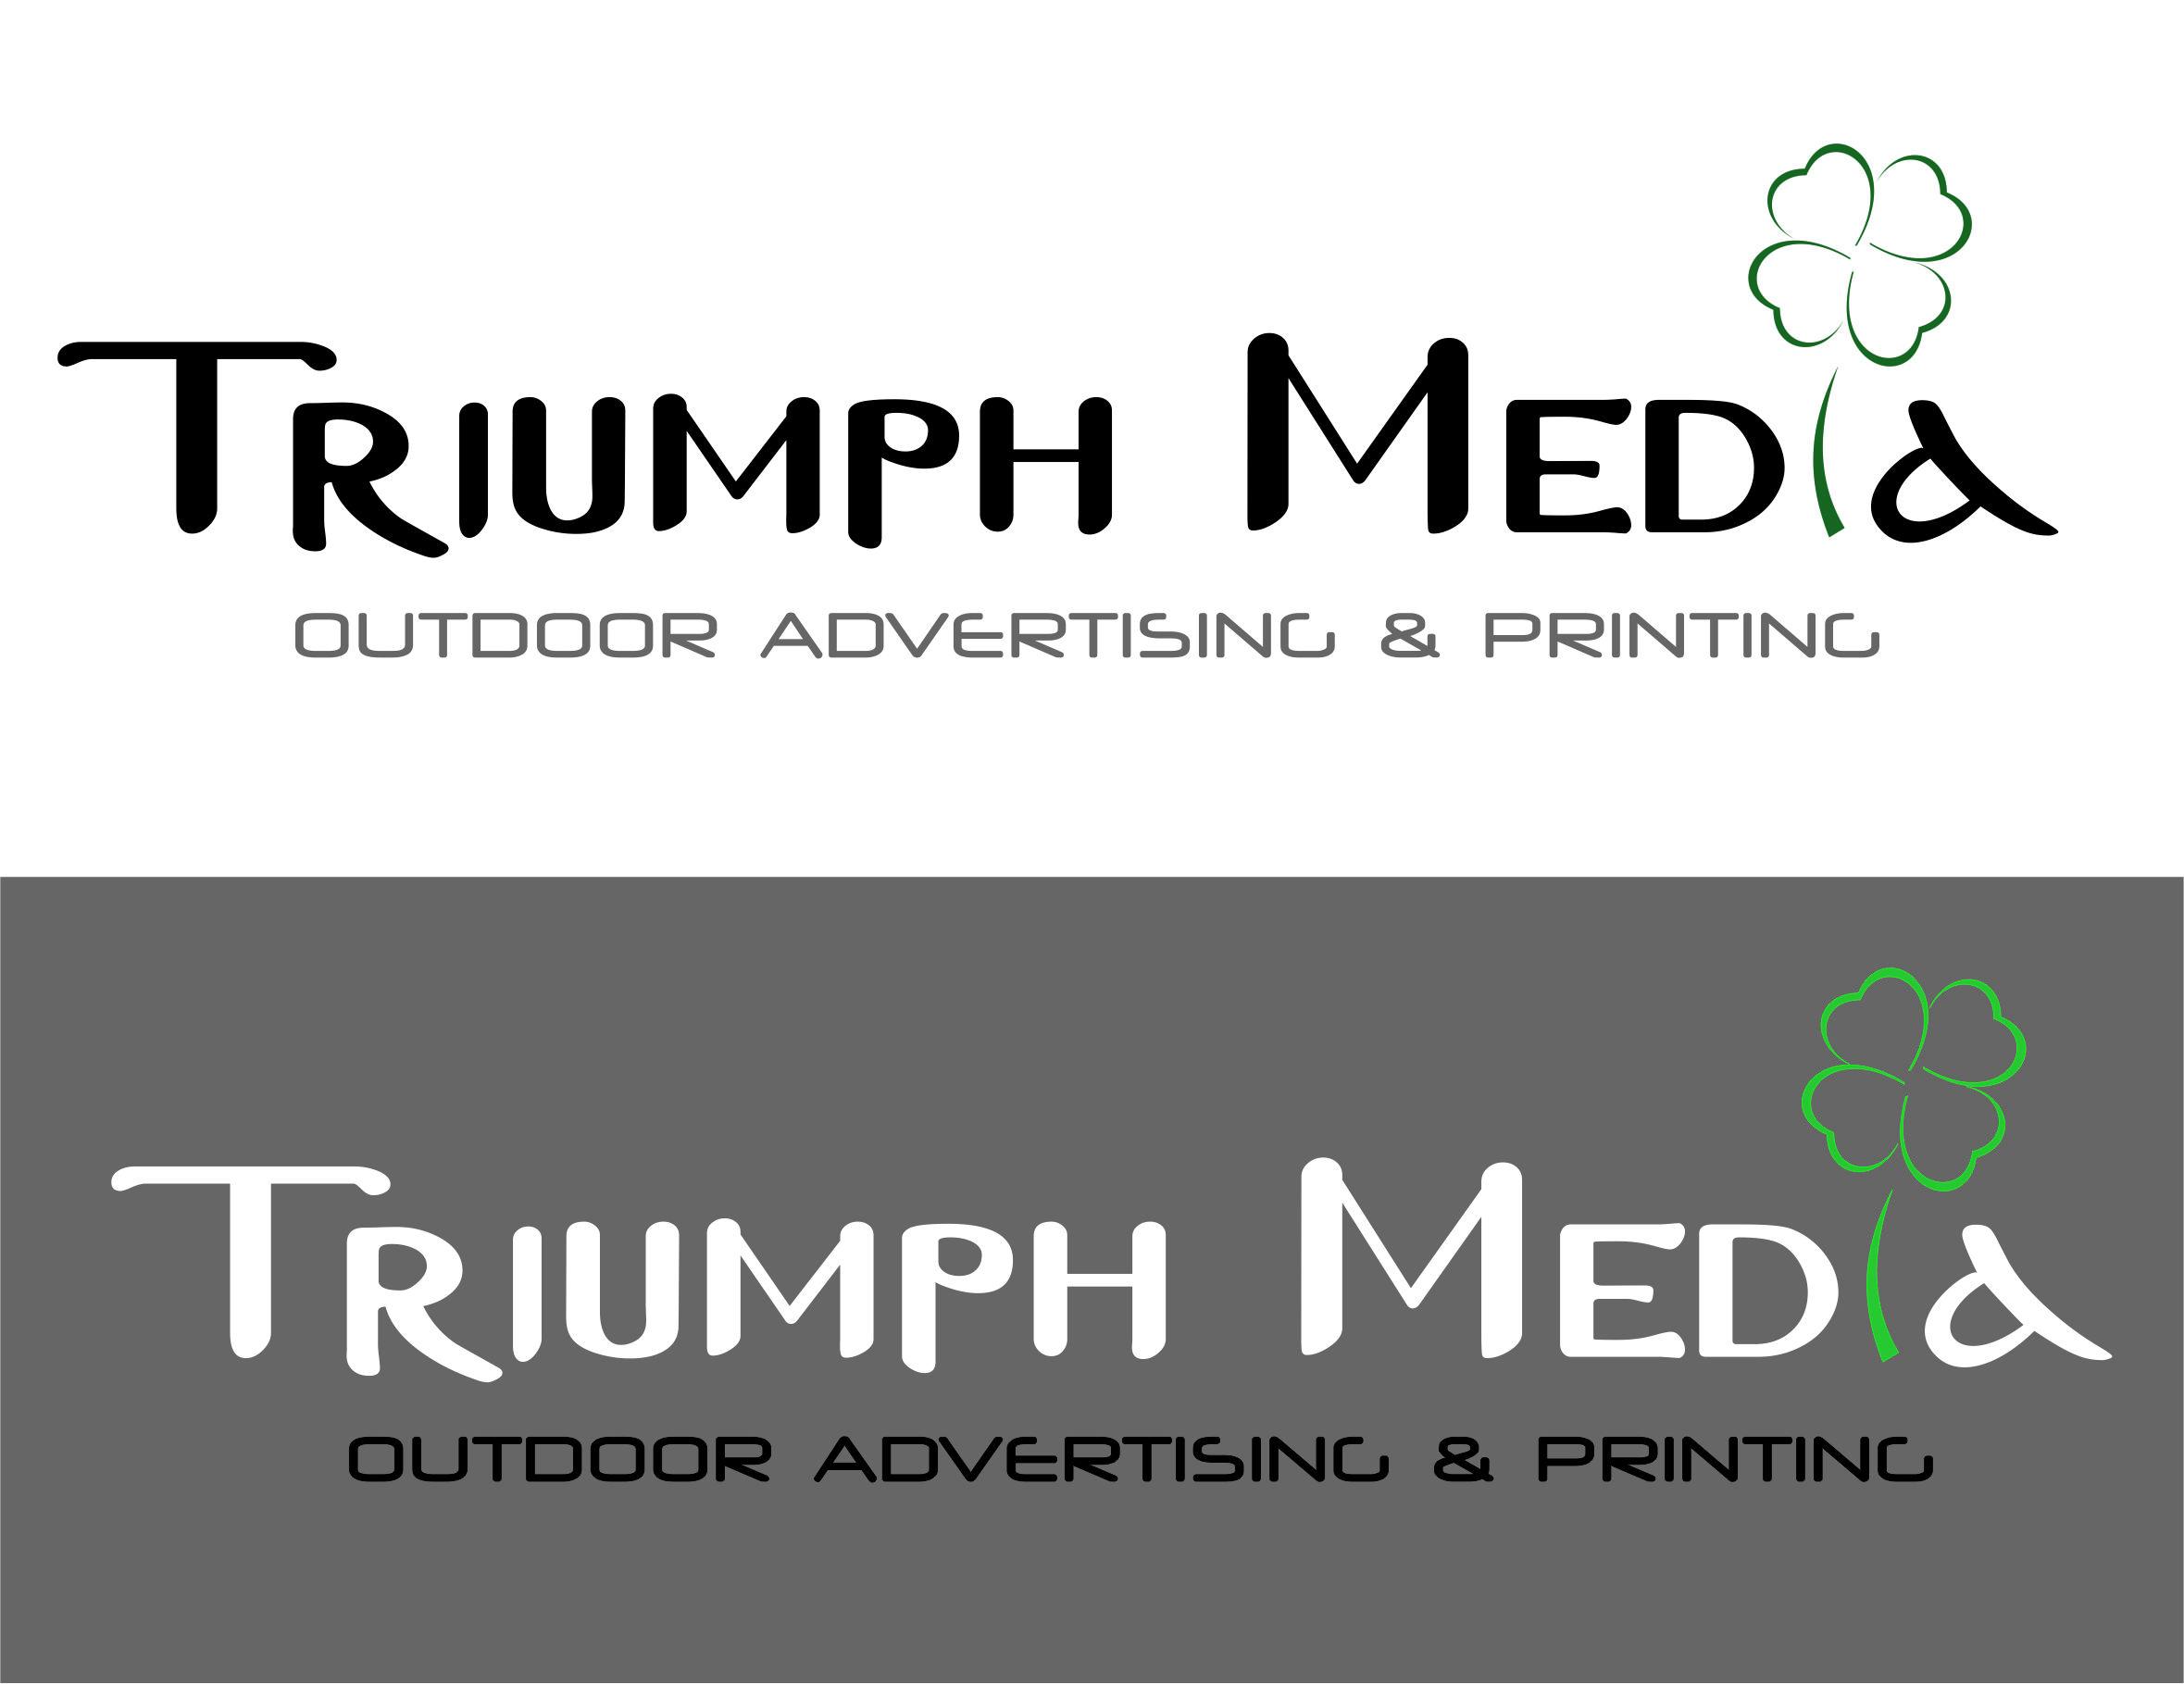 Разработка логотипа  TRIUMPH MEDIA с изображением клевера фото f_5072c7f938a5c.jpg